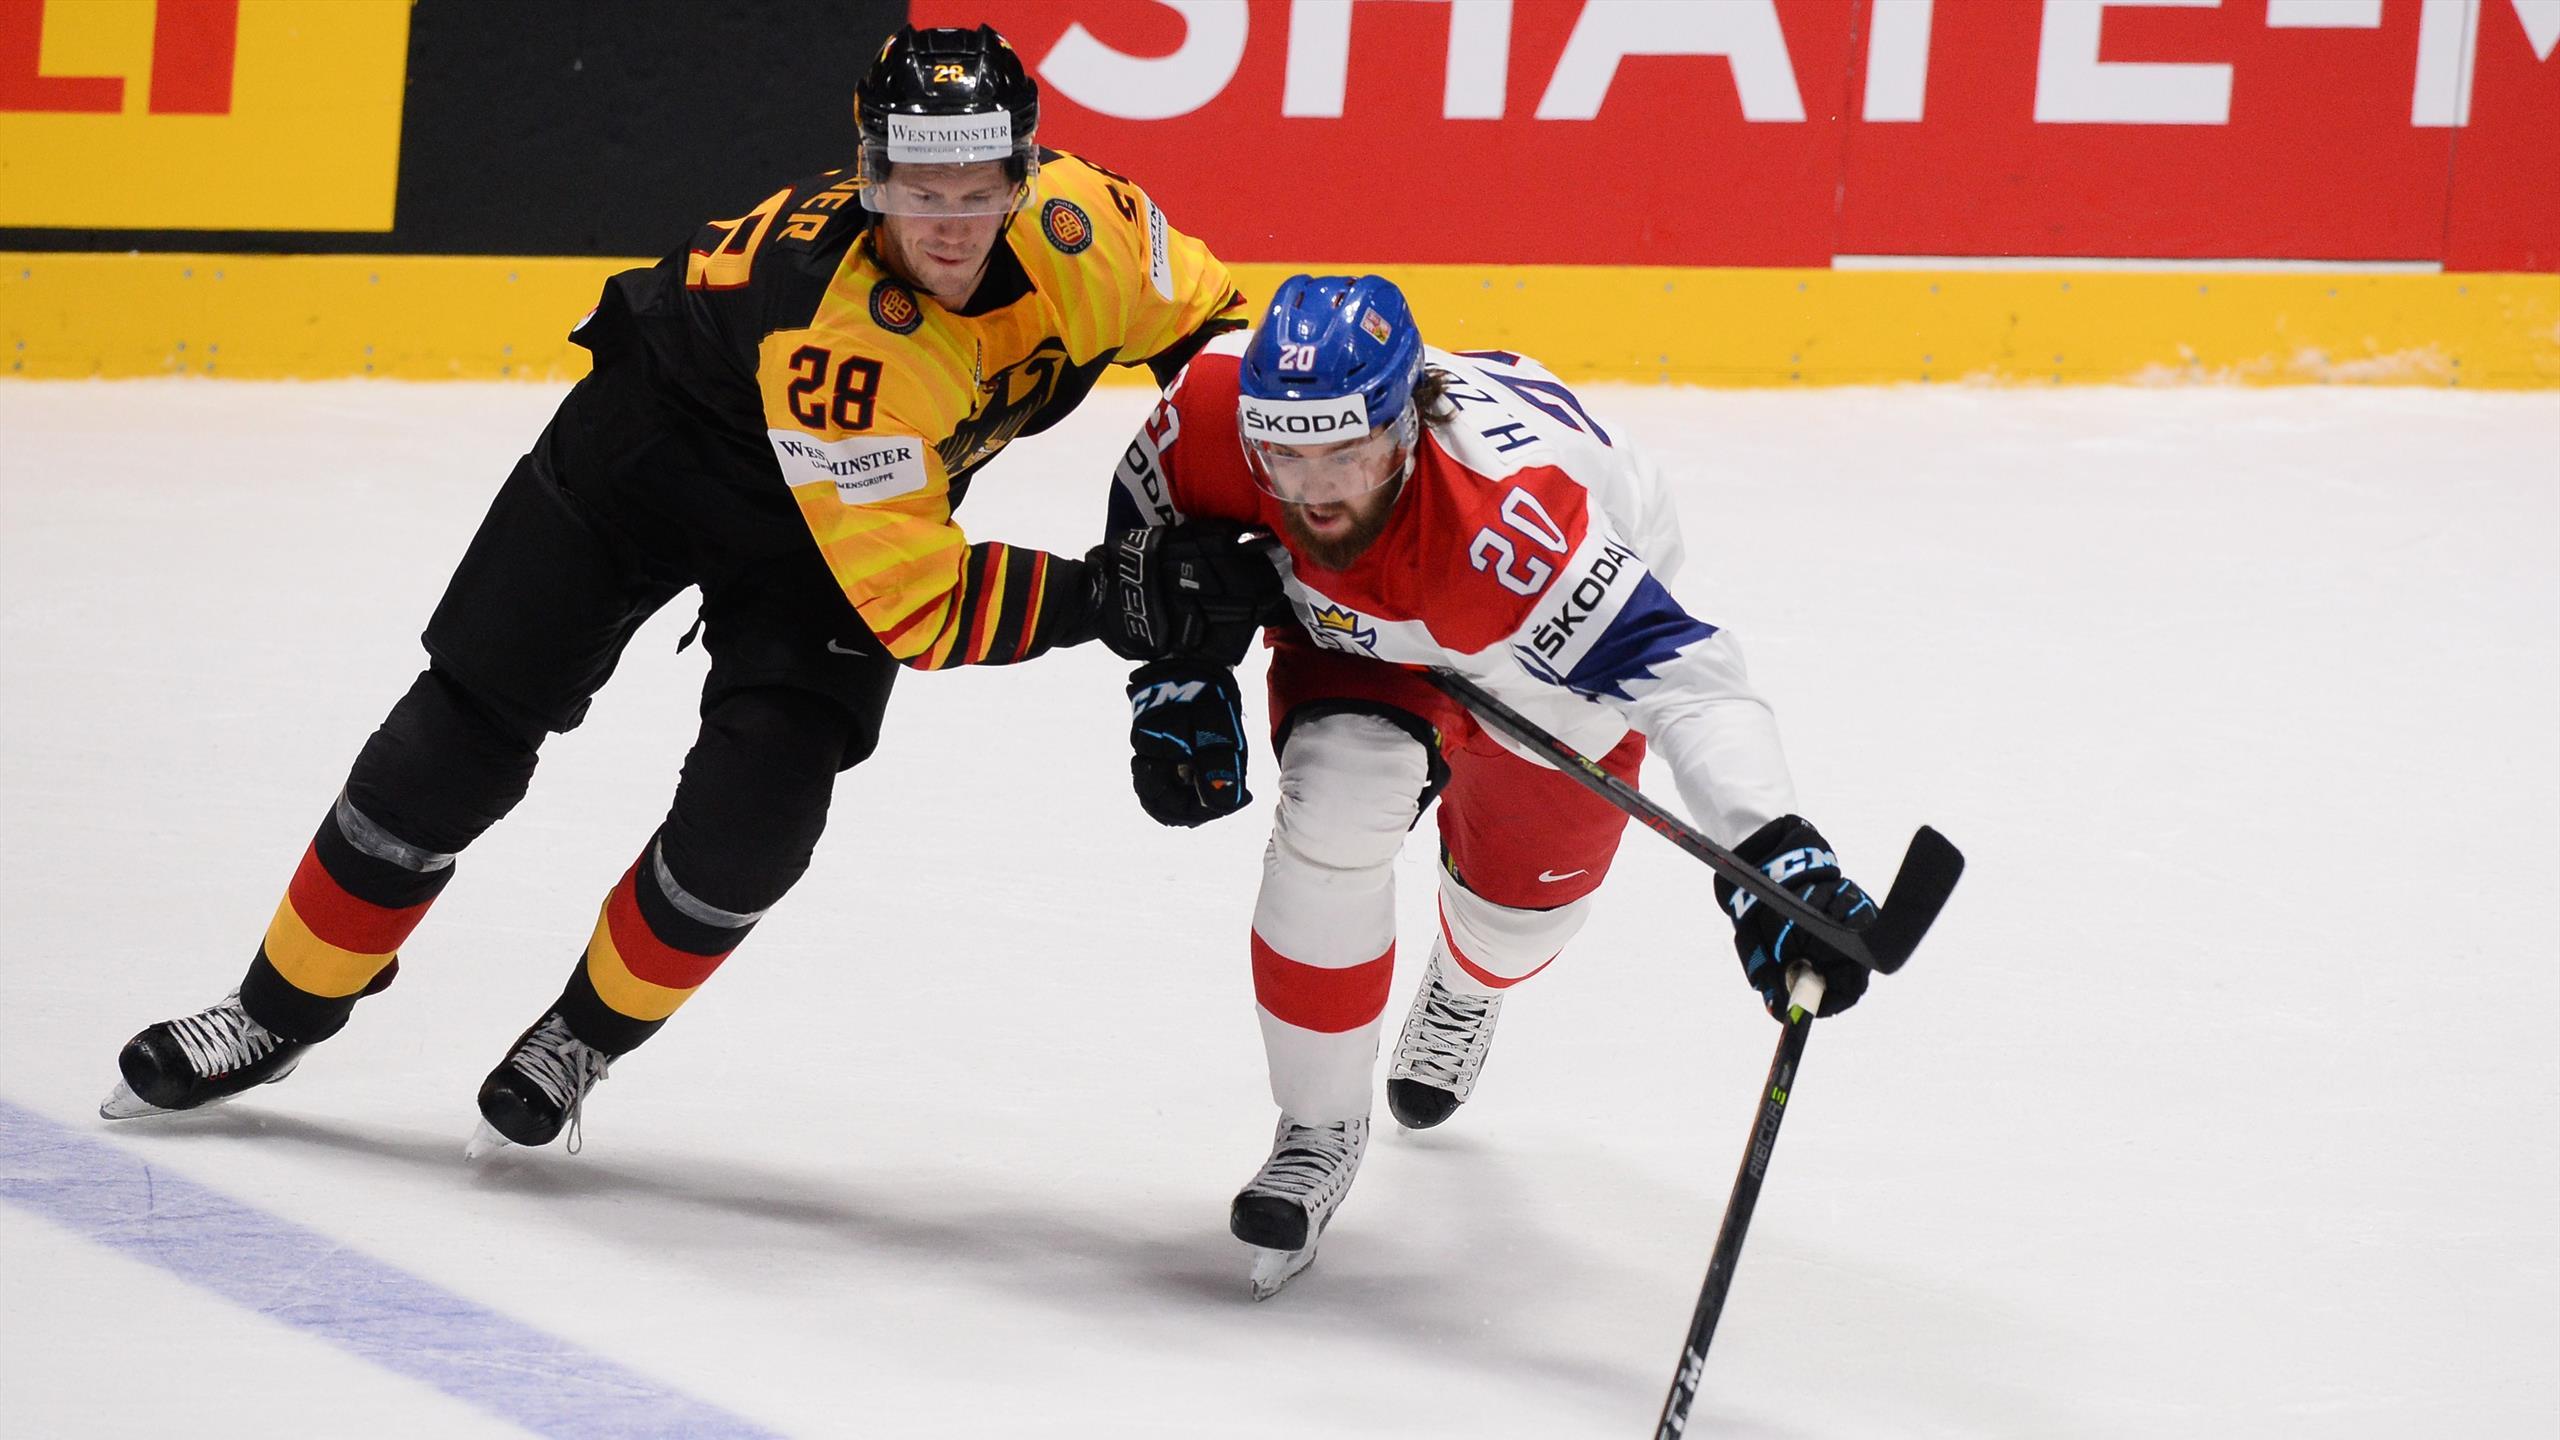 Eishockey Ergebnisse Del